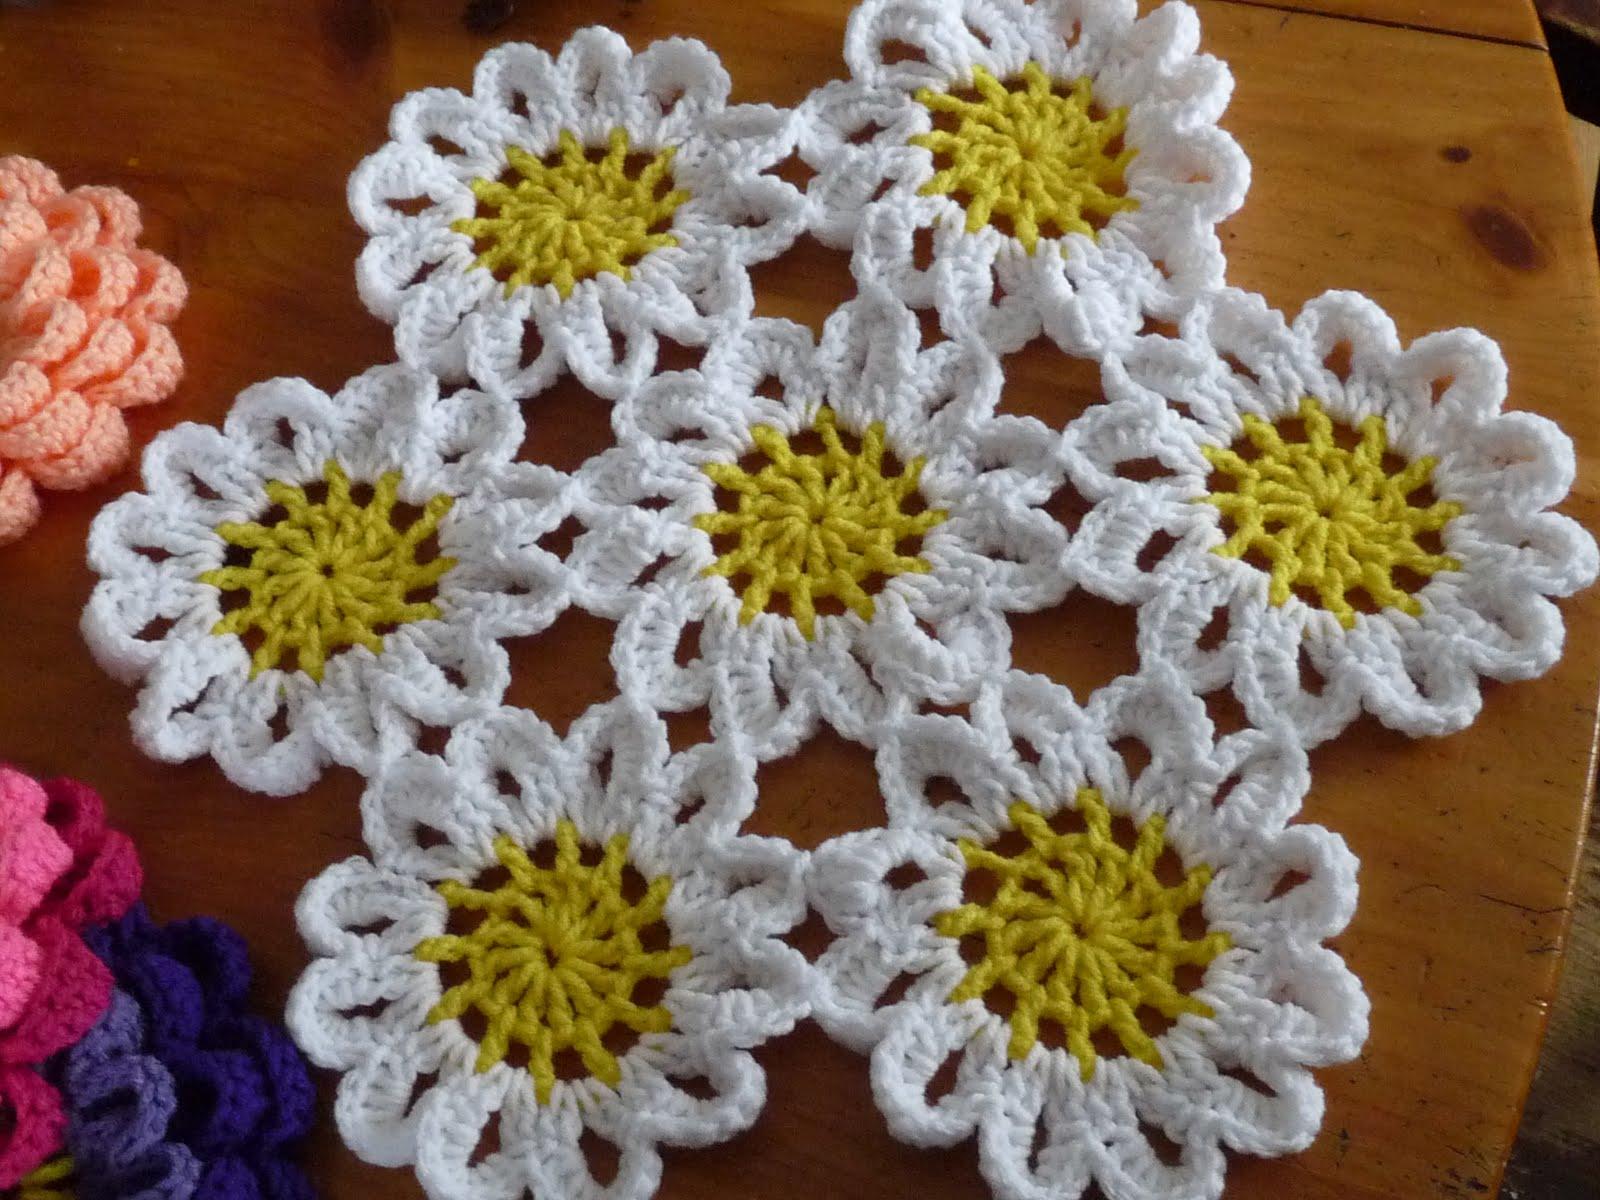 Nancy's Crochet: 3-D Flowers